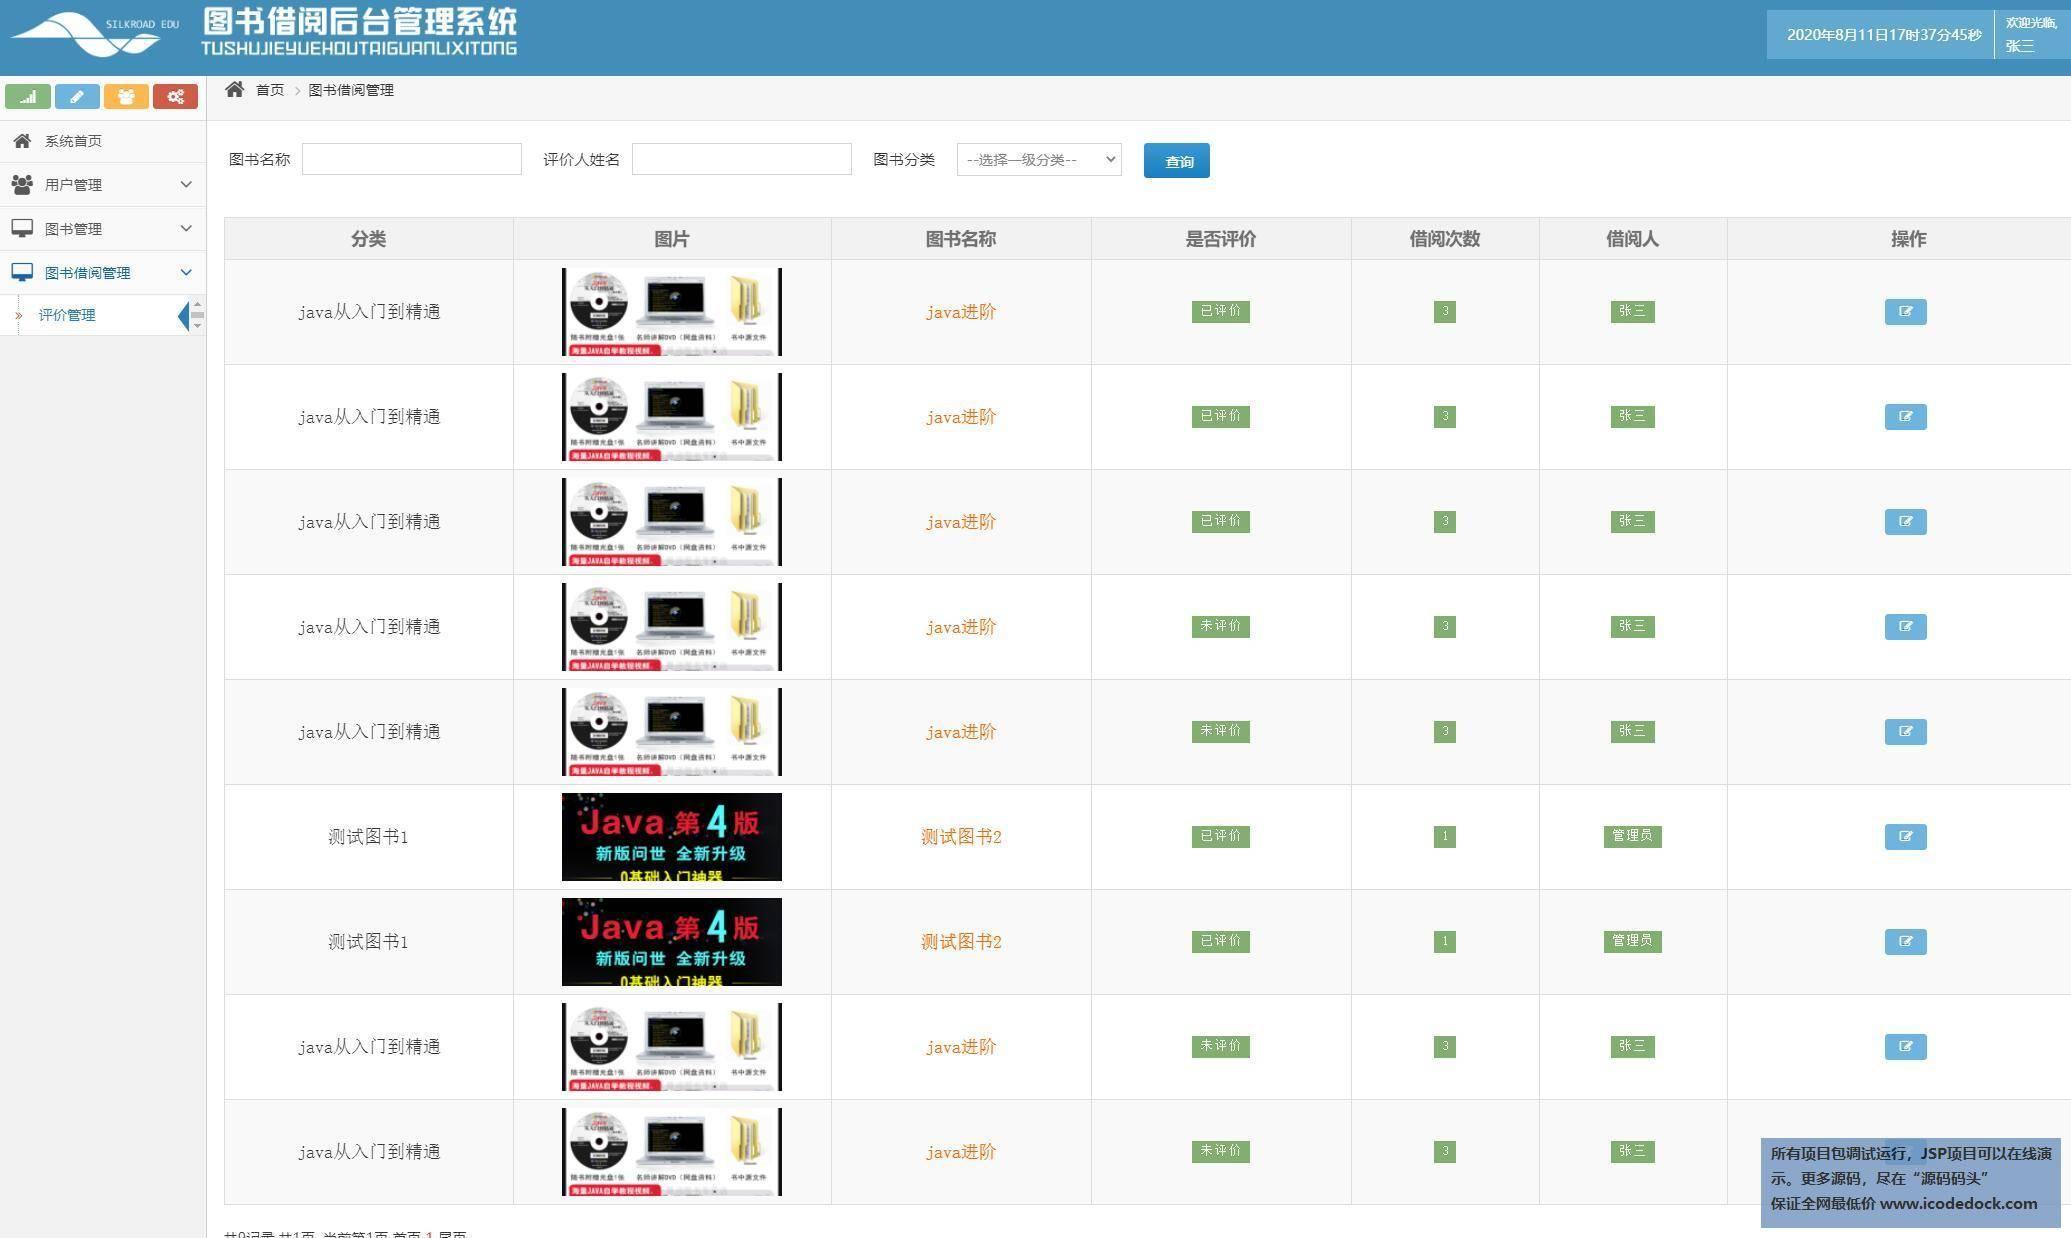 源码码头-SSH实现简单图书借阅管理系统-用户角色-评价管理